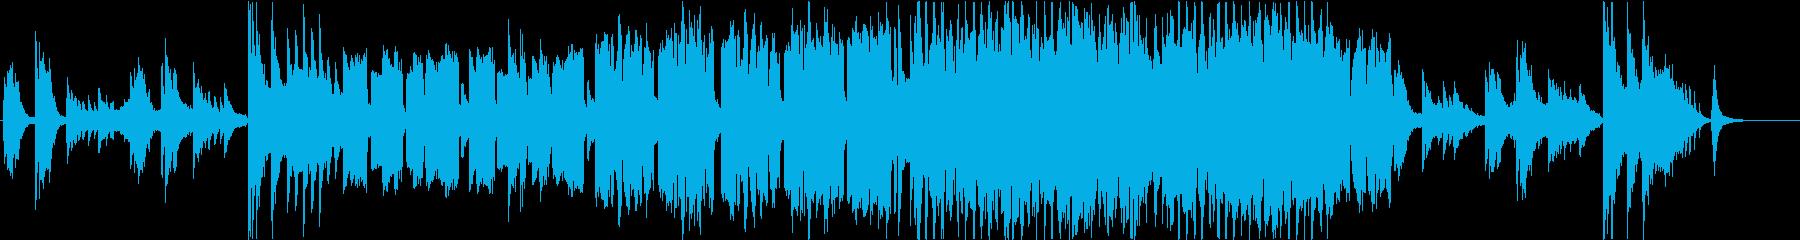 フルート主旋律の弦とピアノのバラードの再生済みの波形